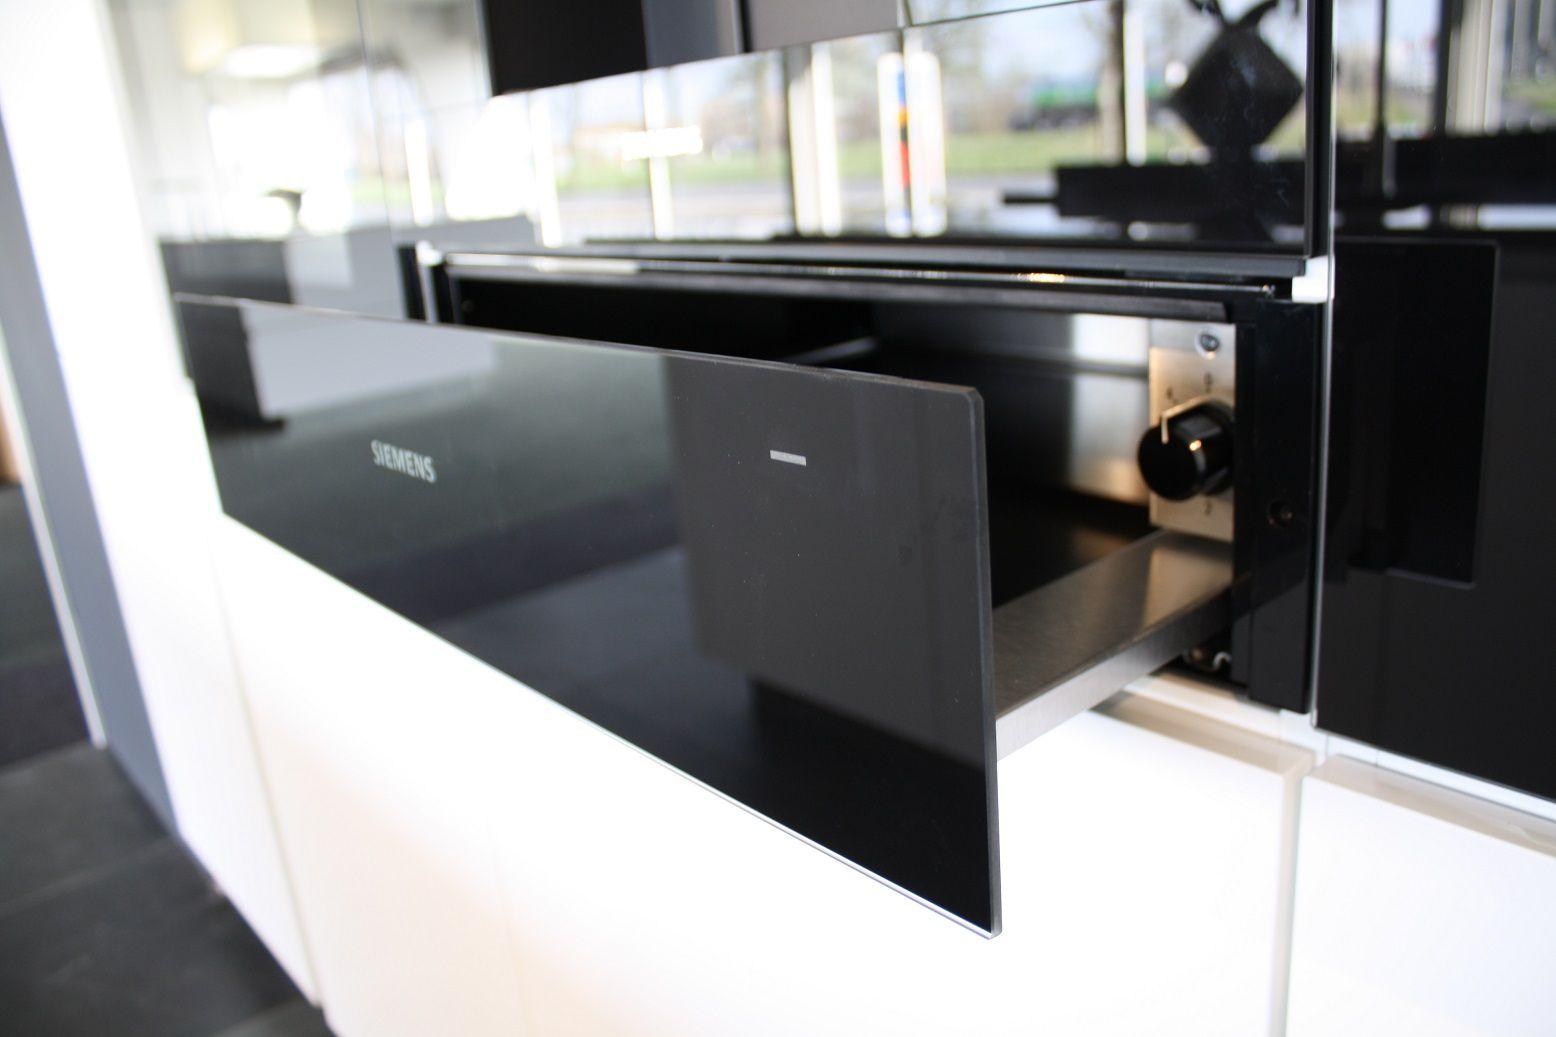 allergrootste keukensite van nederland On keuken met siemens apparatuur